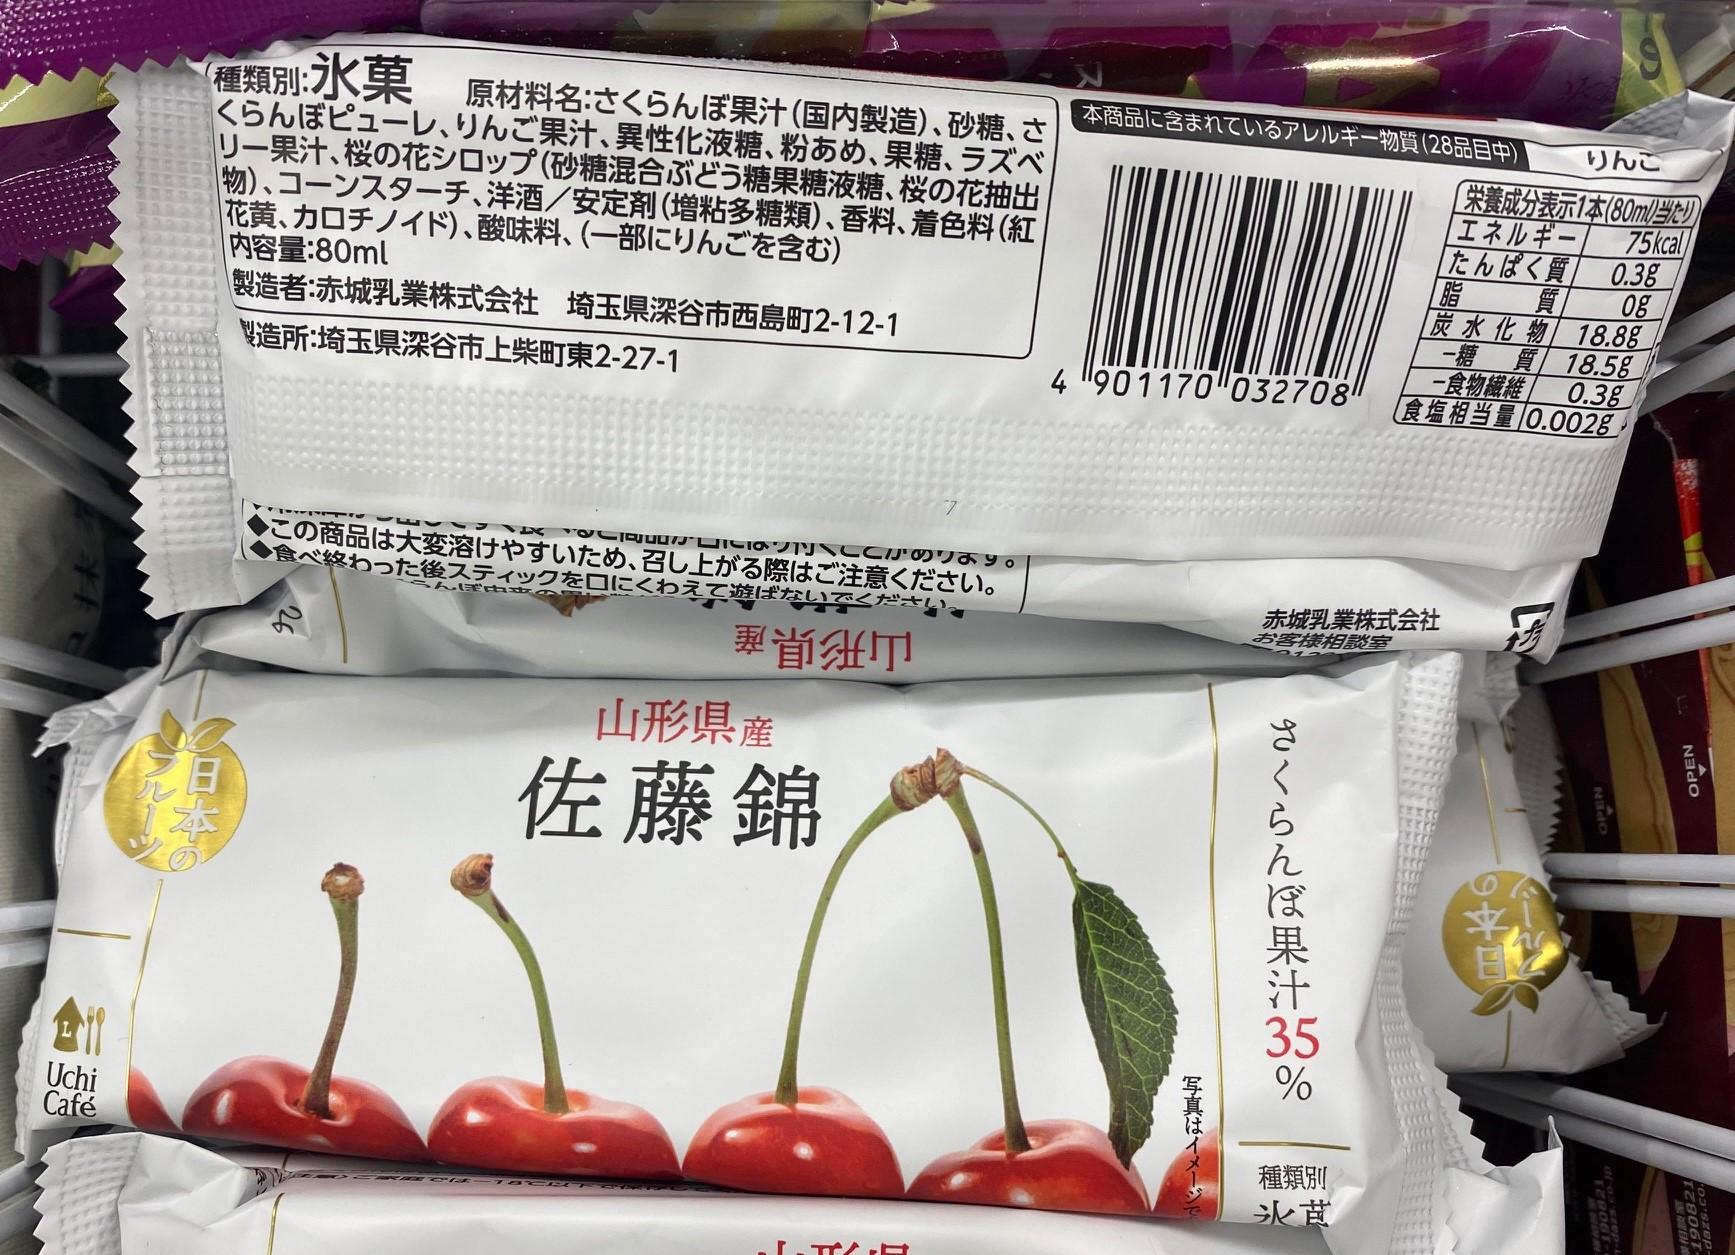 Lawson Uchi Cafe Japanese Fruits Sato Nishiki Cherry